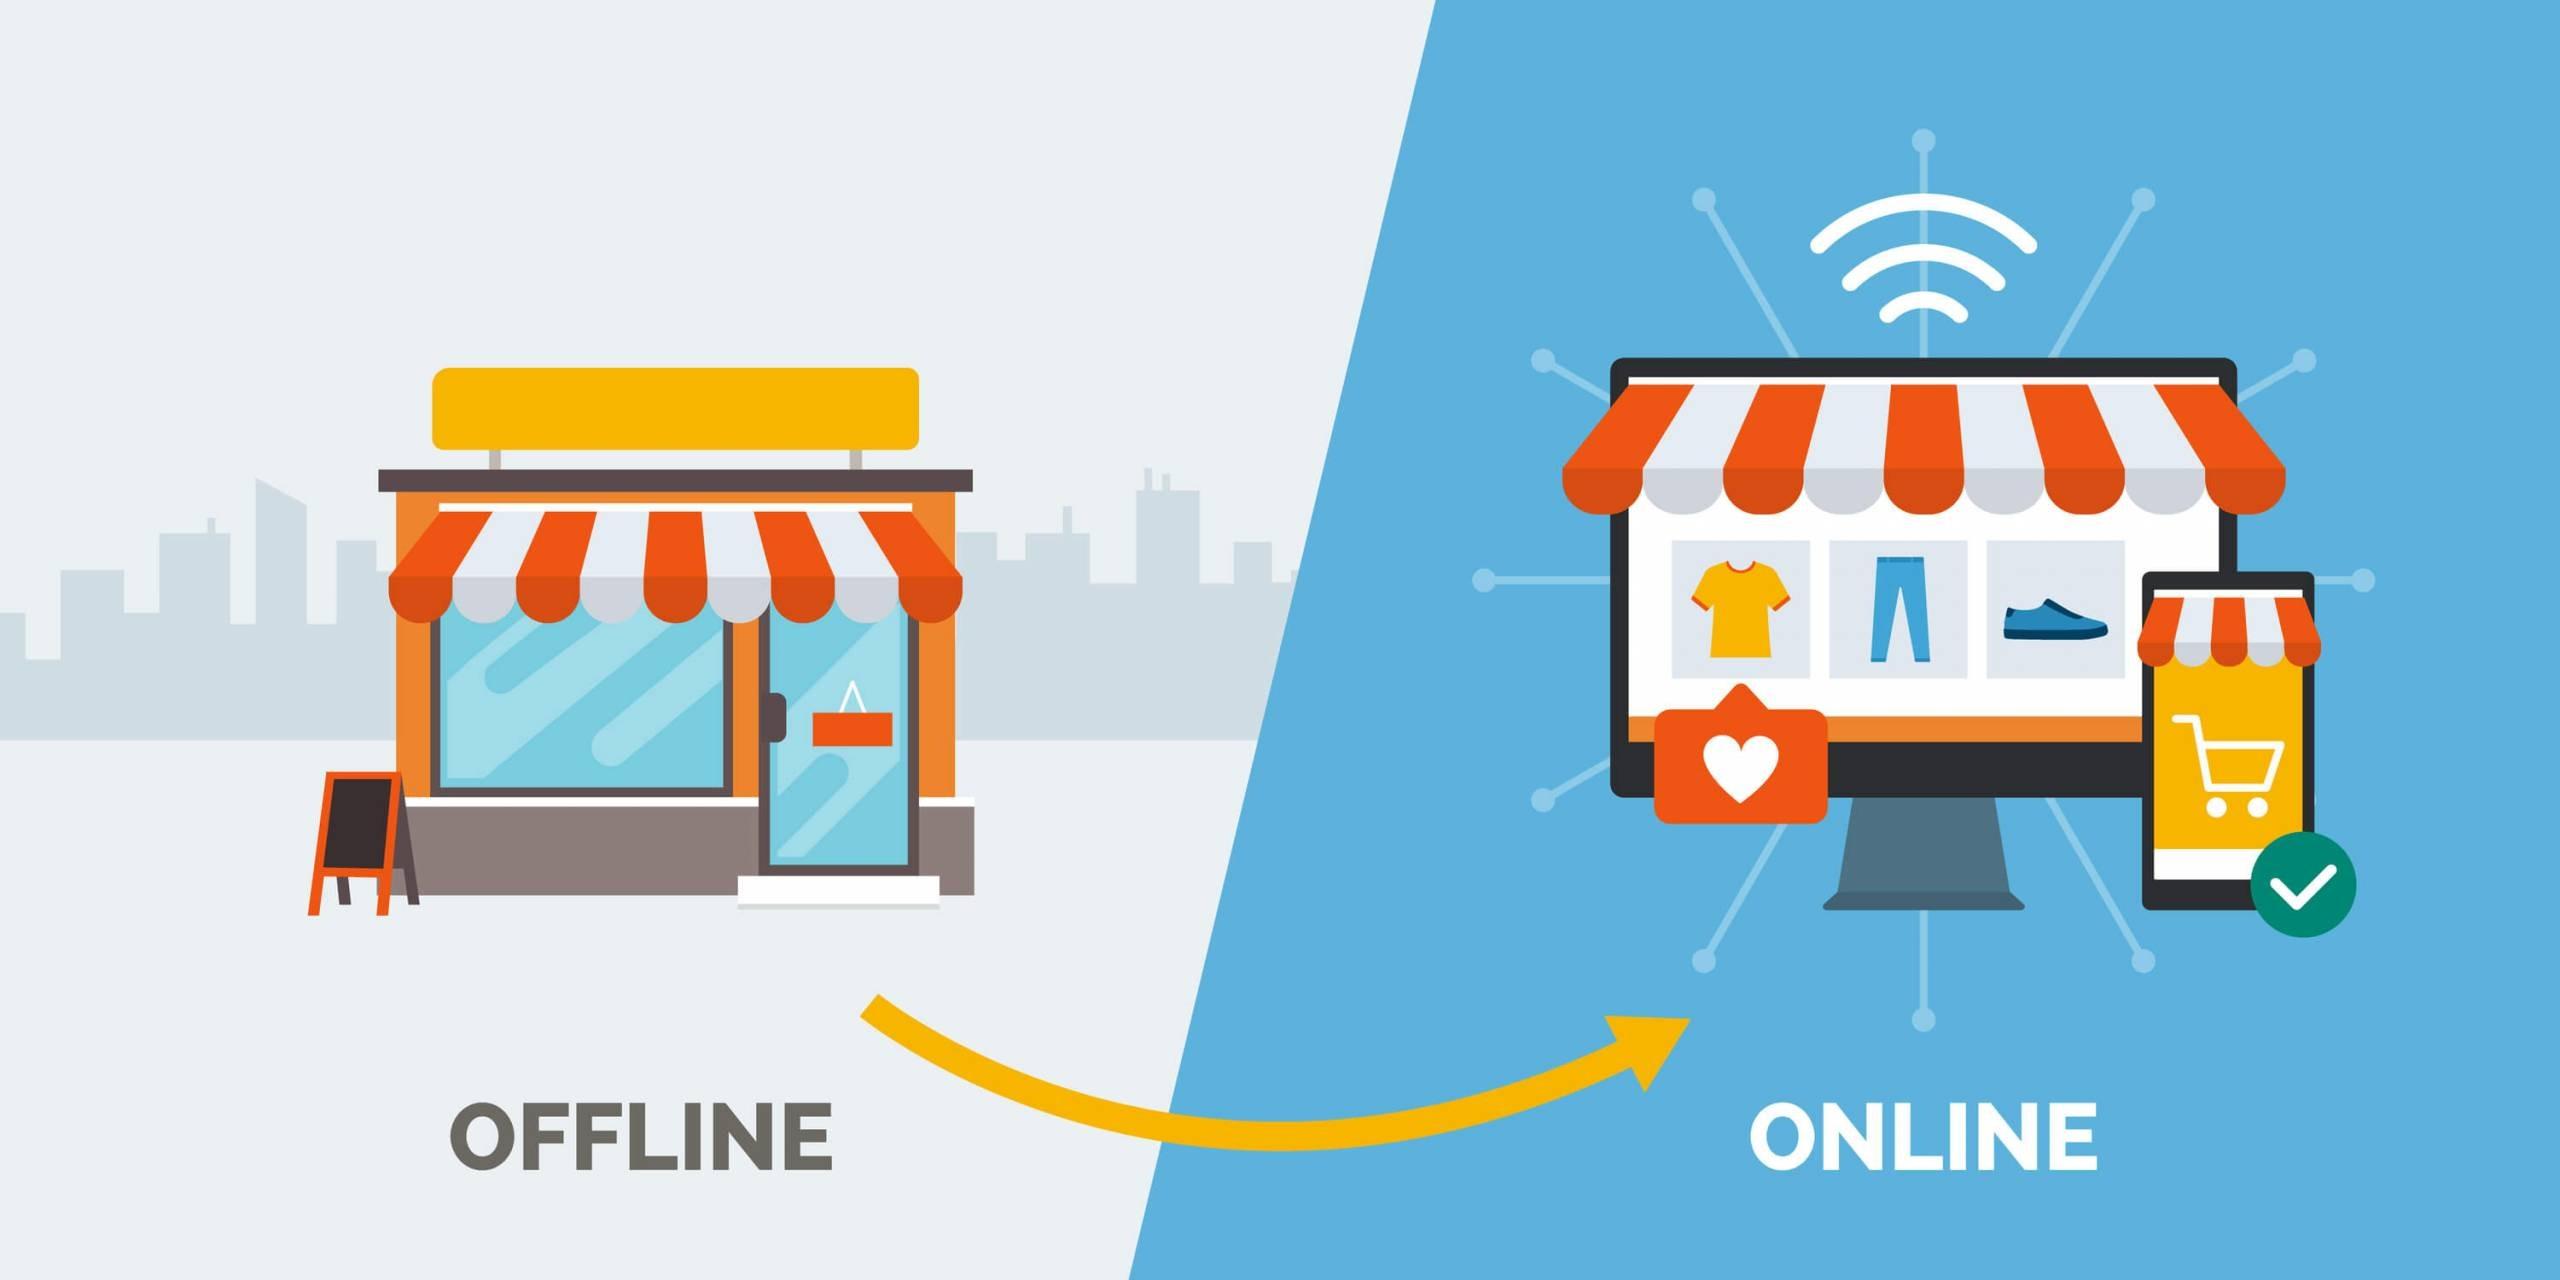 Comercio tradicional versus comercio digital